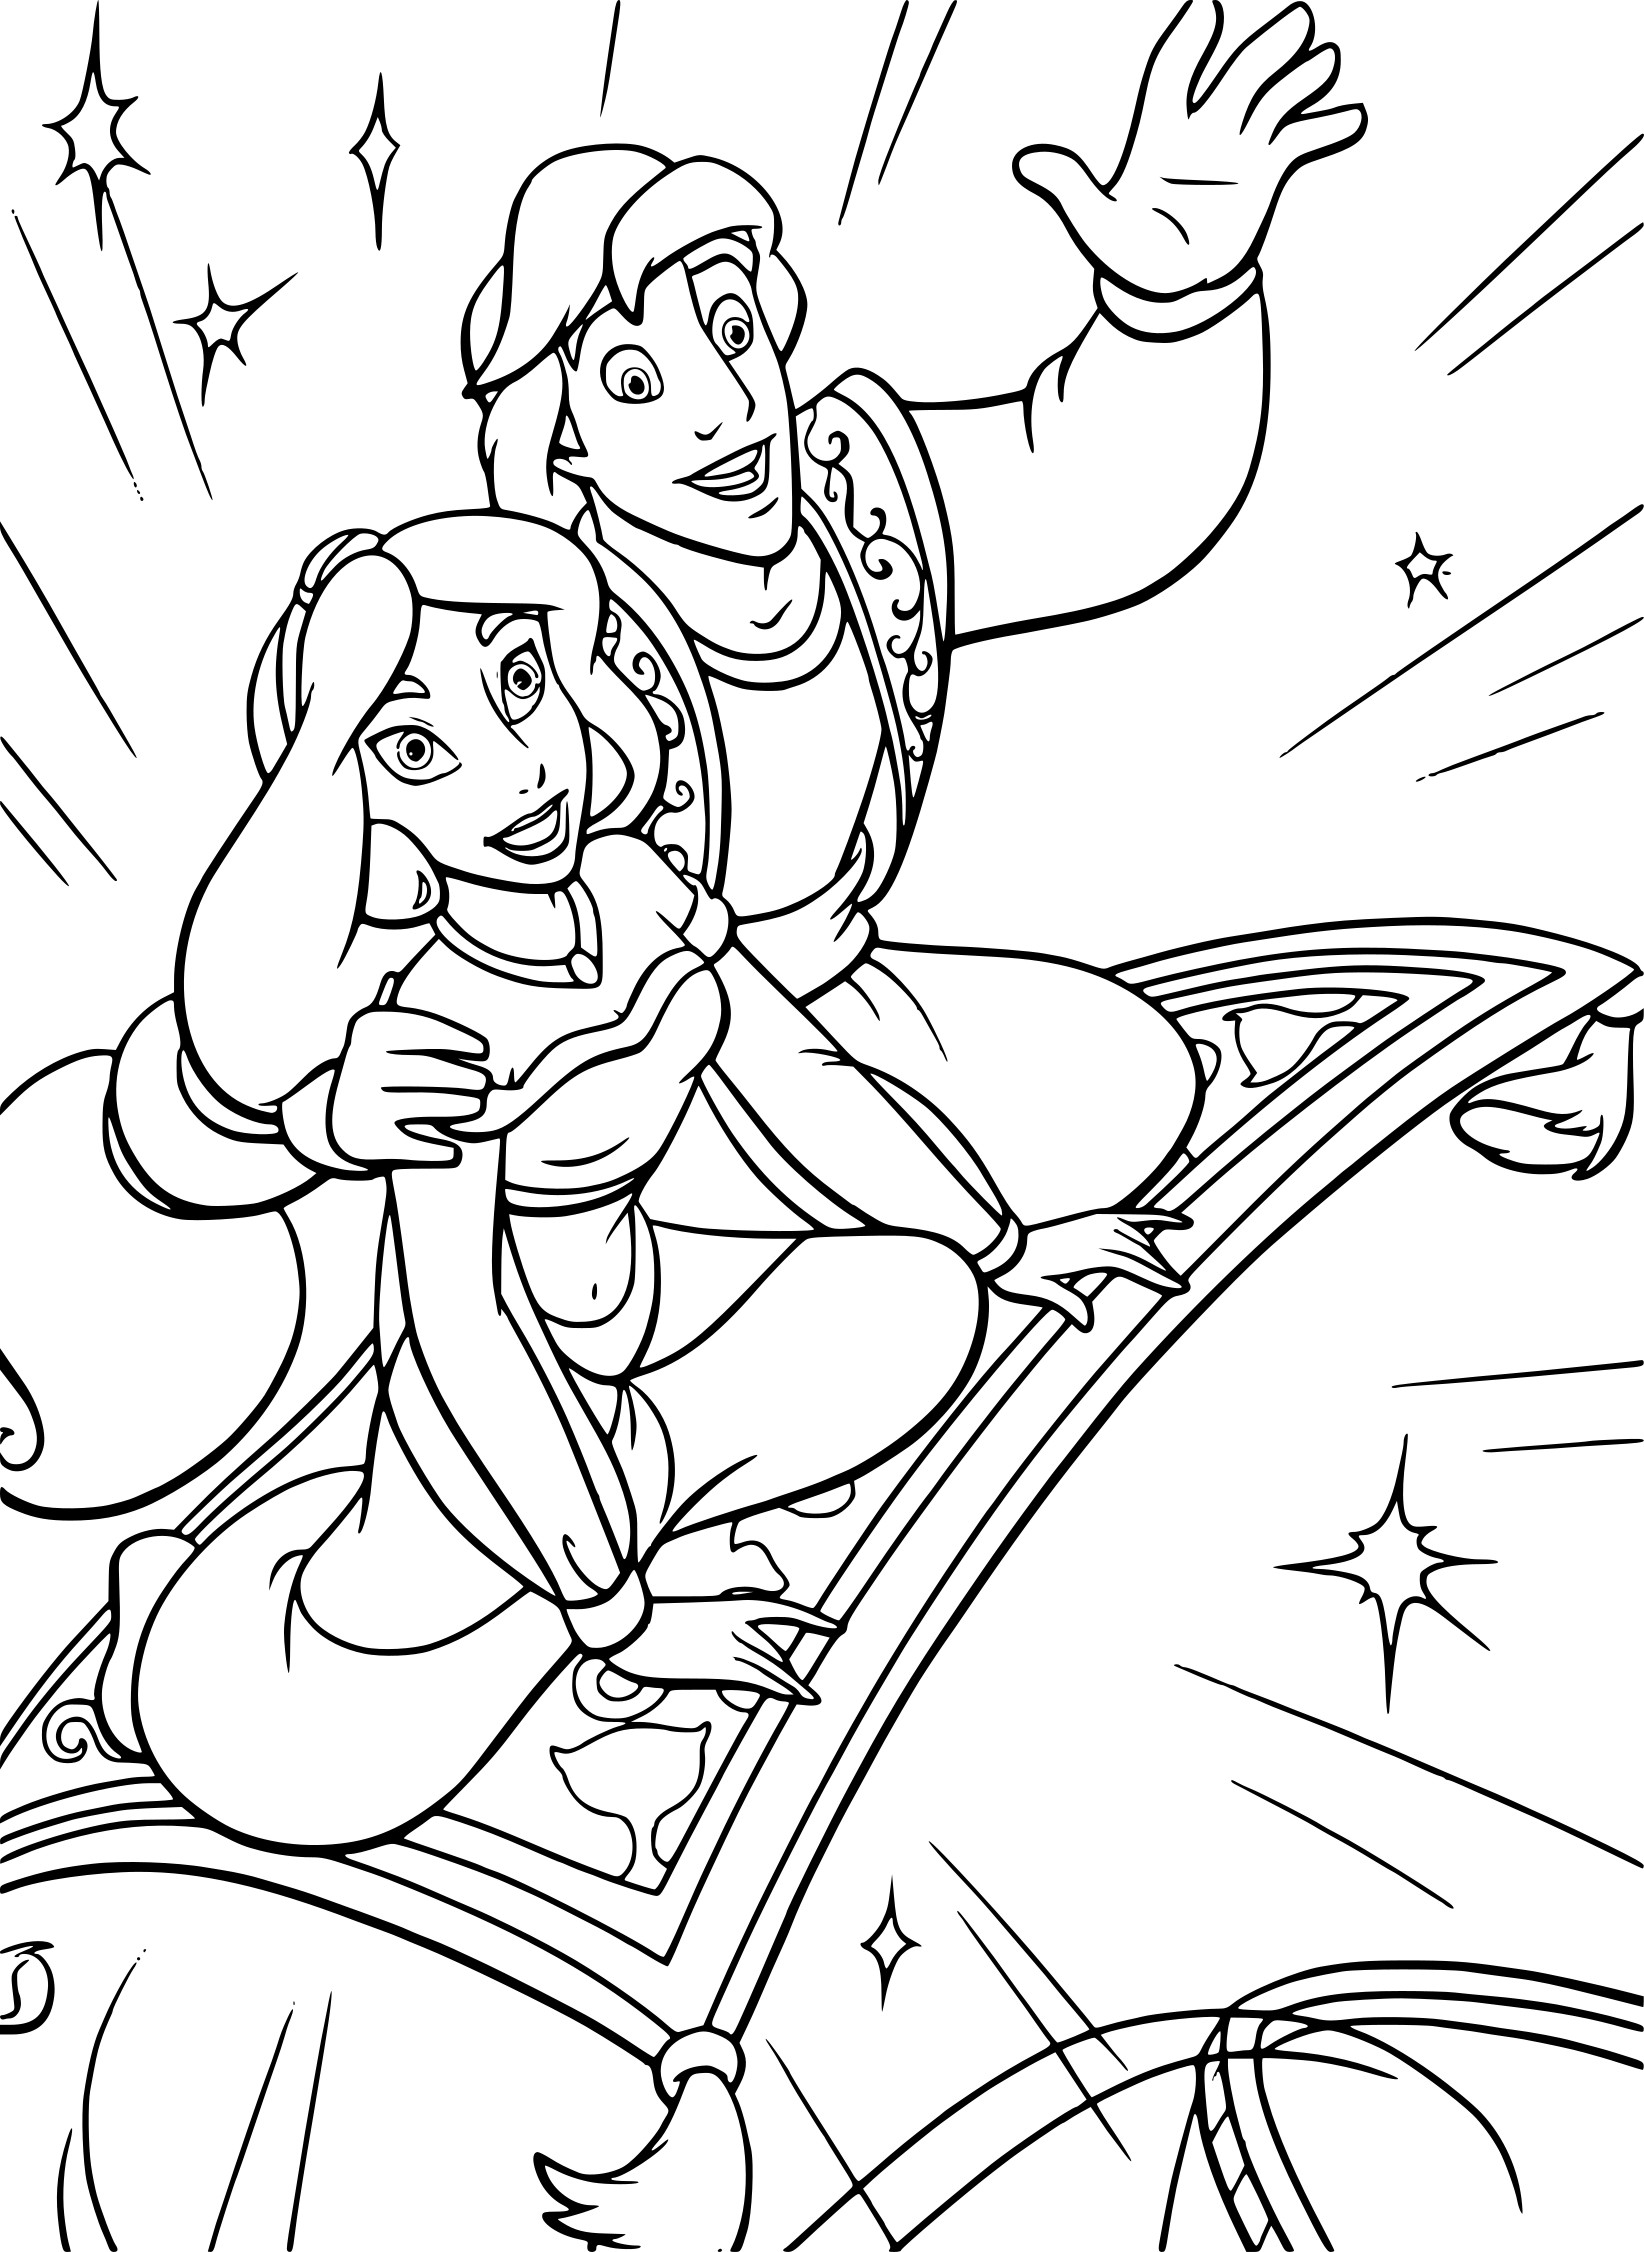 Jasmine et Aladdin coloriage